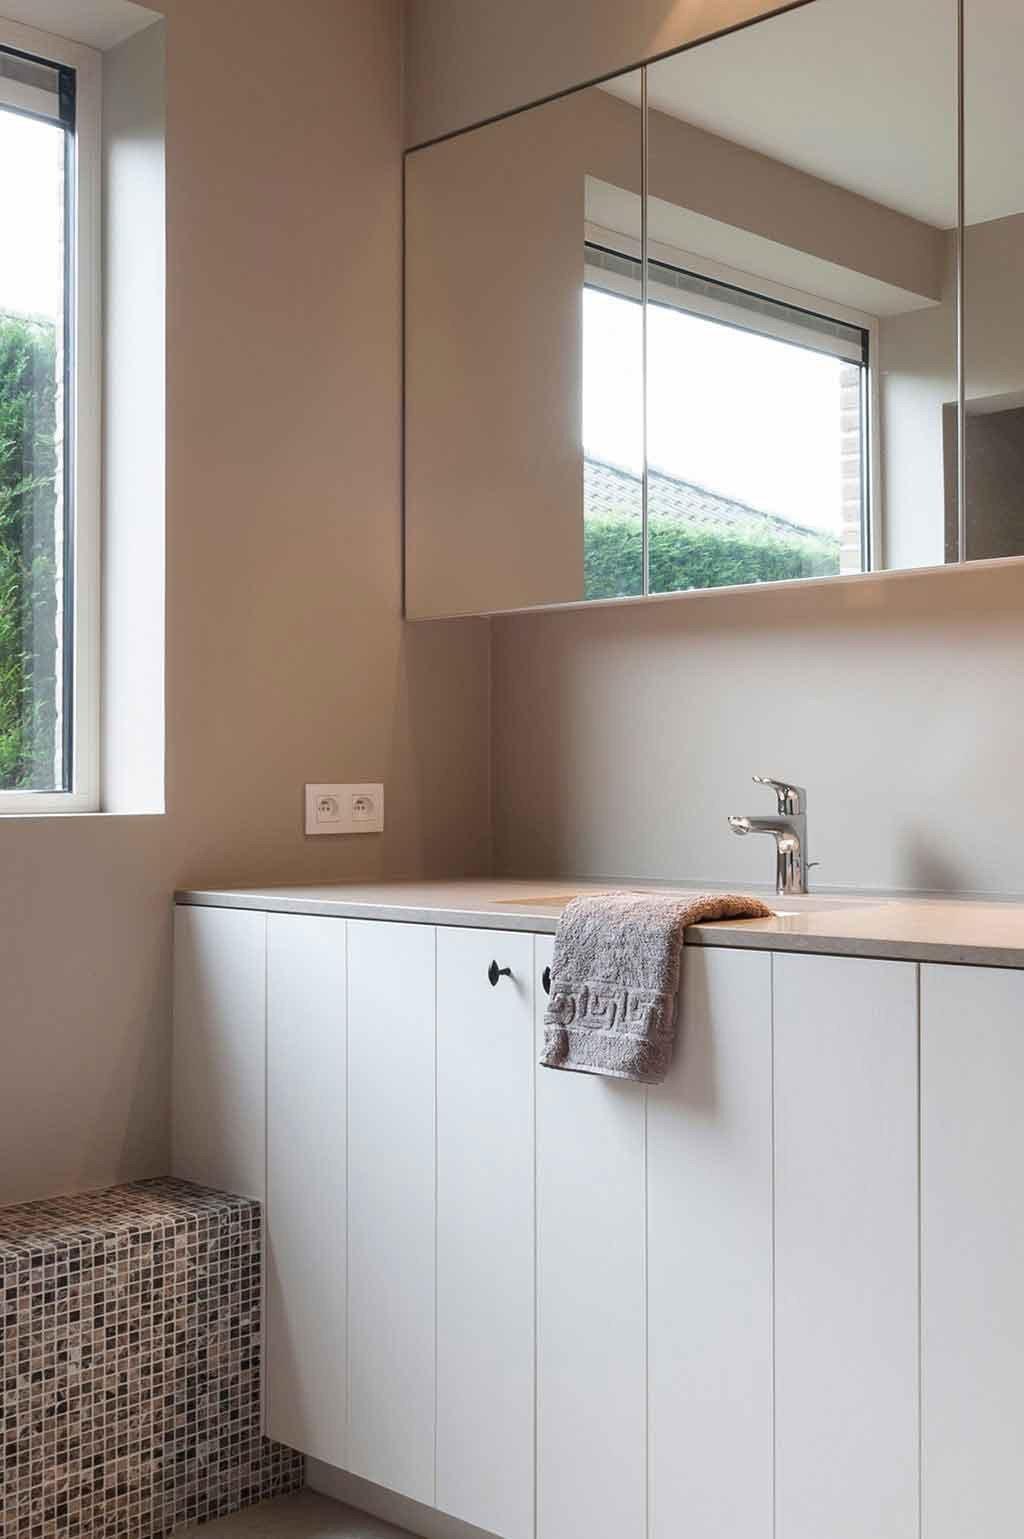 Totaalinrichting-badkamer-landelijk-Boezinge-2.jpg